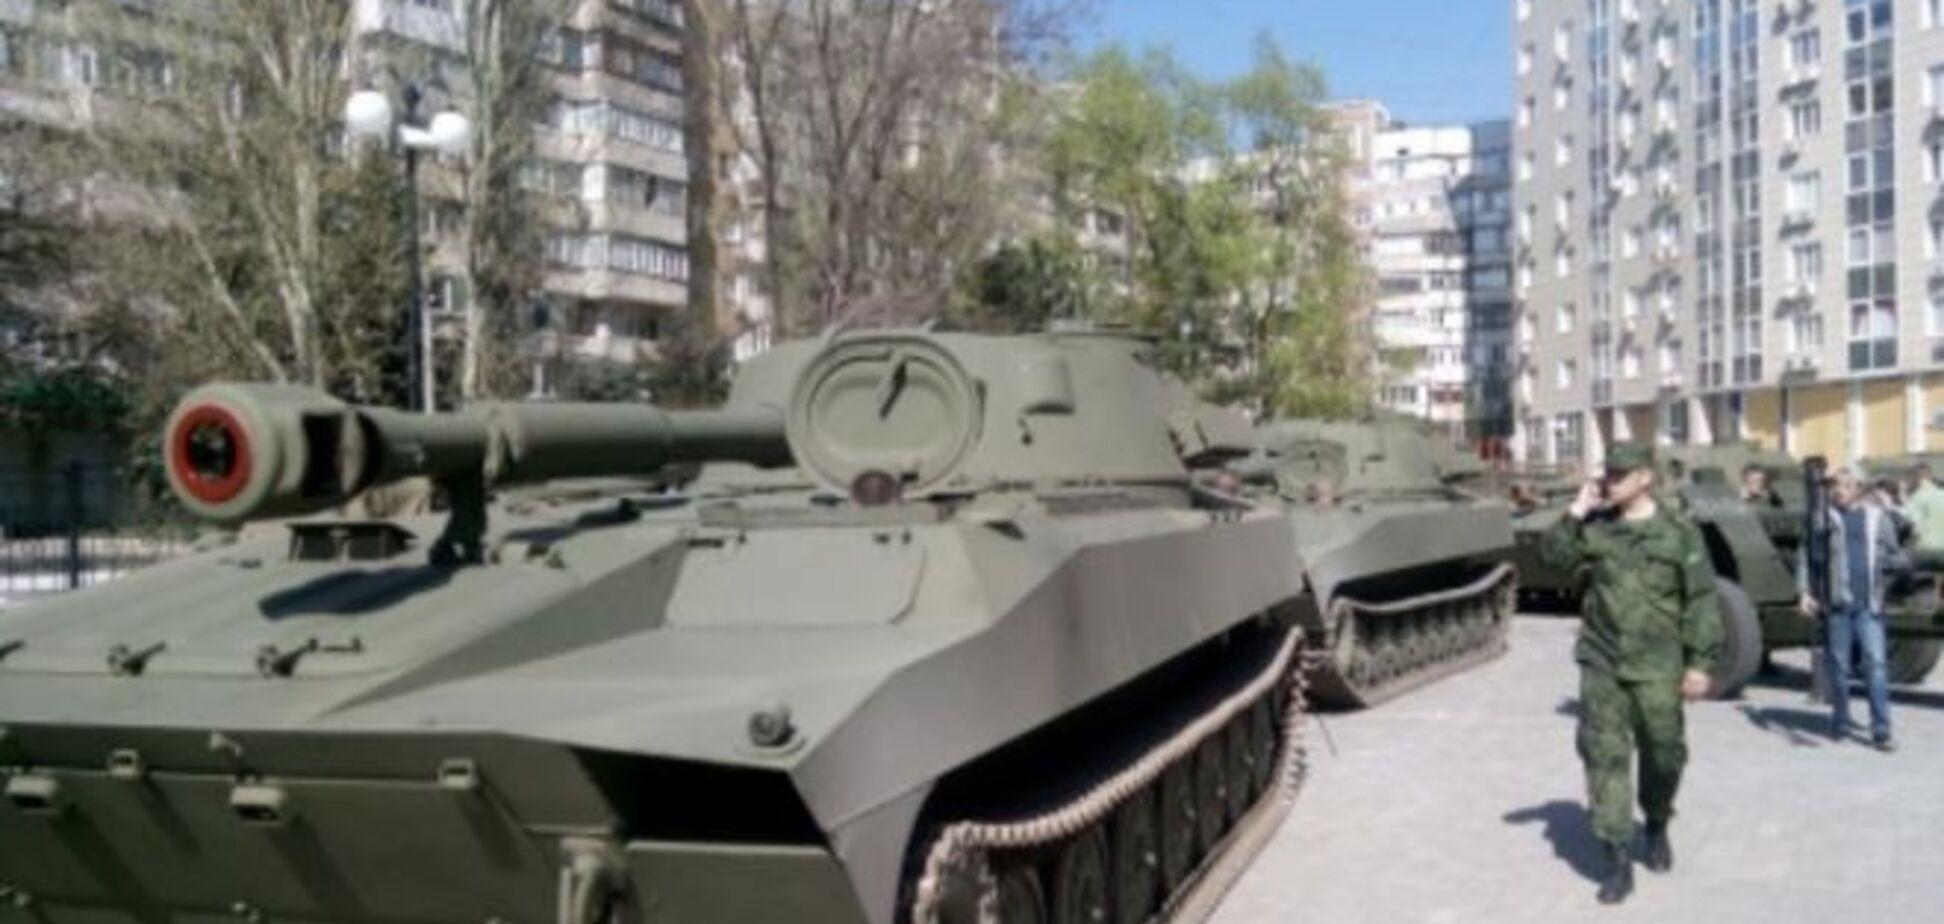 Террористы вытащат на 'парад' в Донецке небоеспособную технику: опубликованы фото